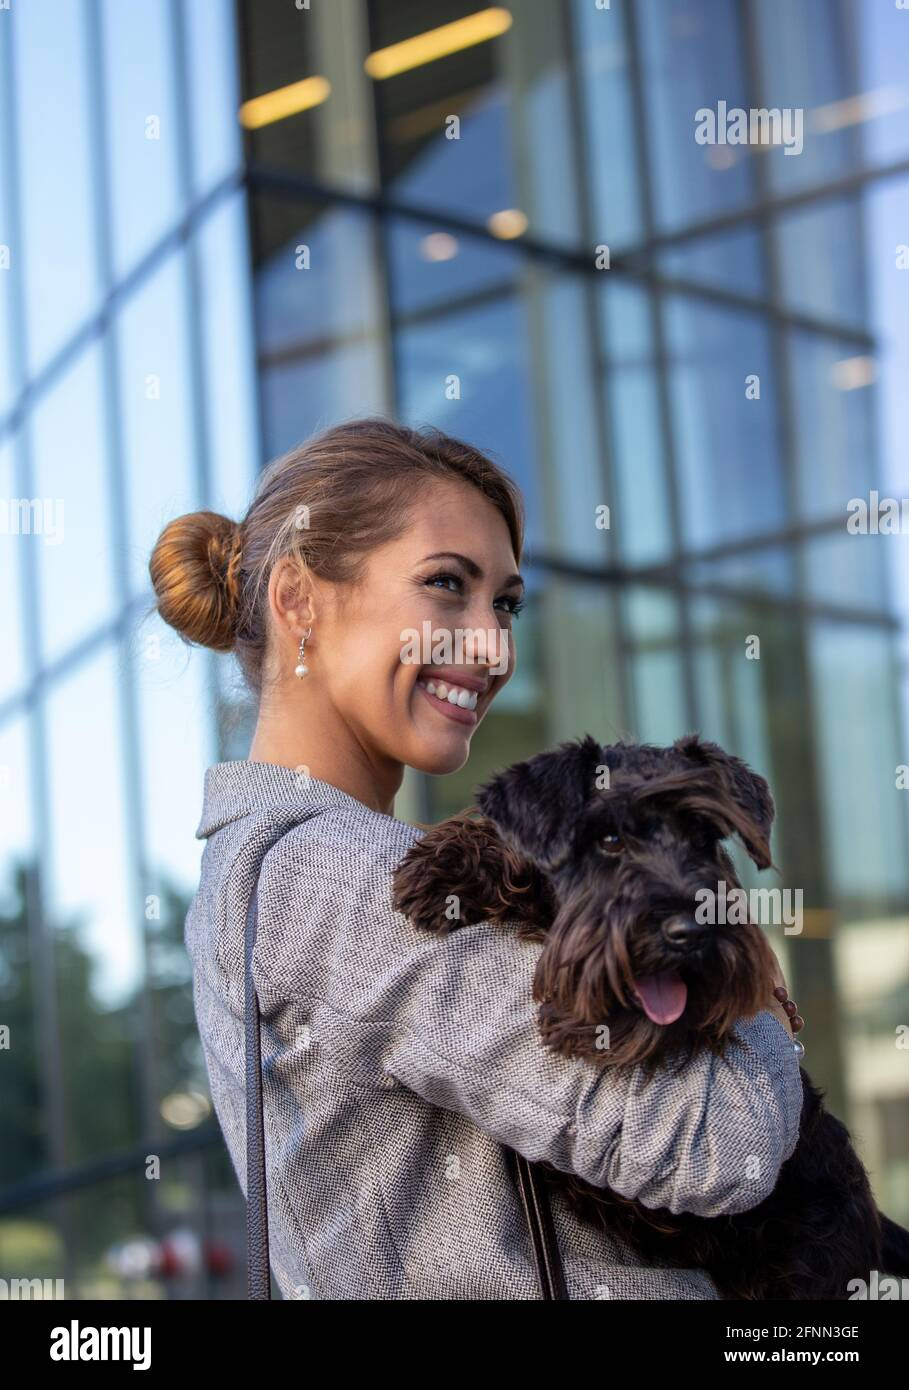 Jolie jeune femme d'affaires tenant un chien mignon dans les bras devant le bâtiment des bureaux Banque D'Images